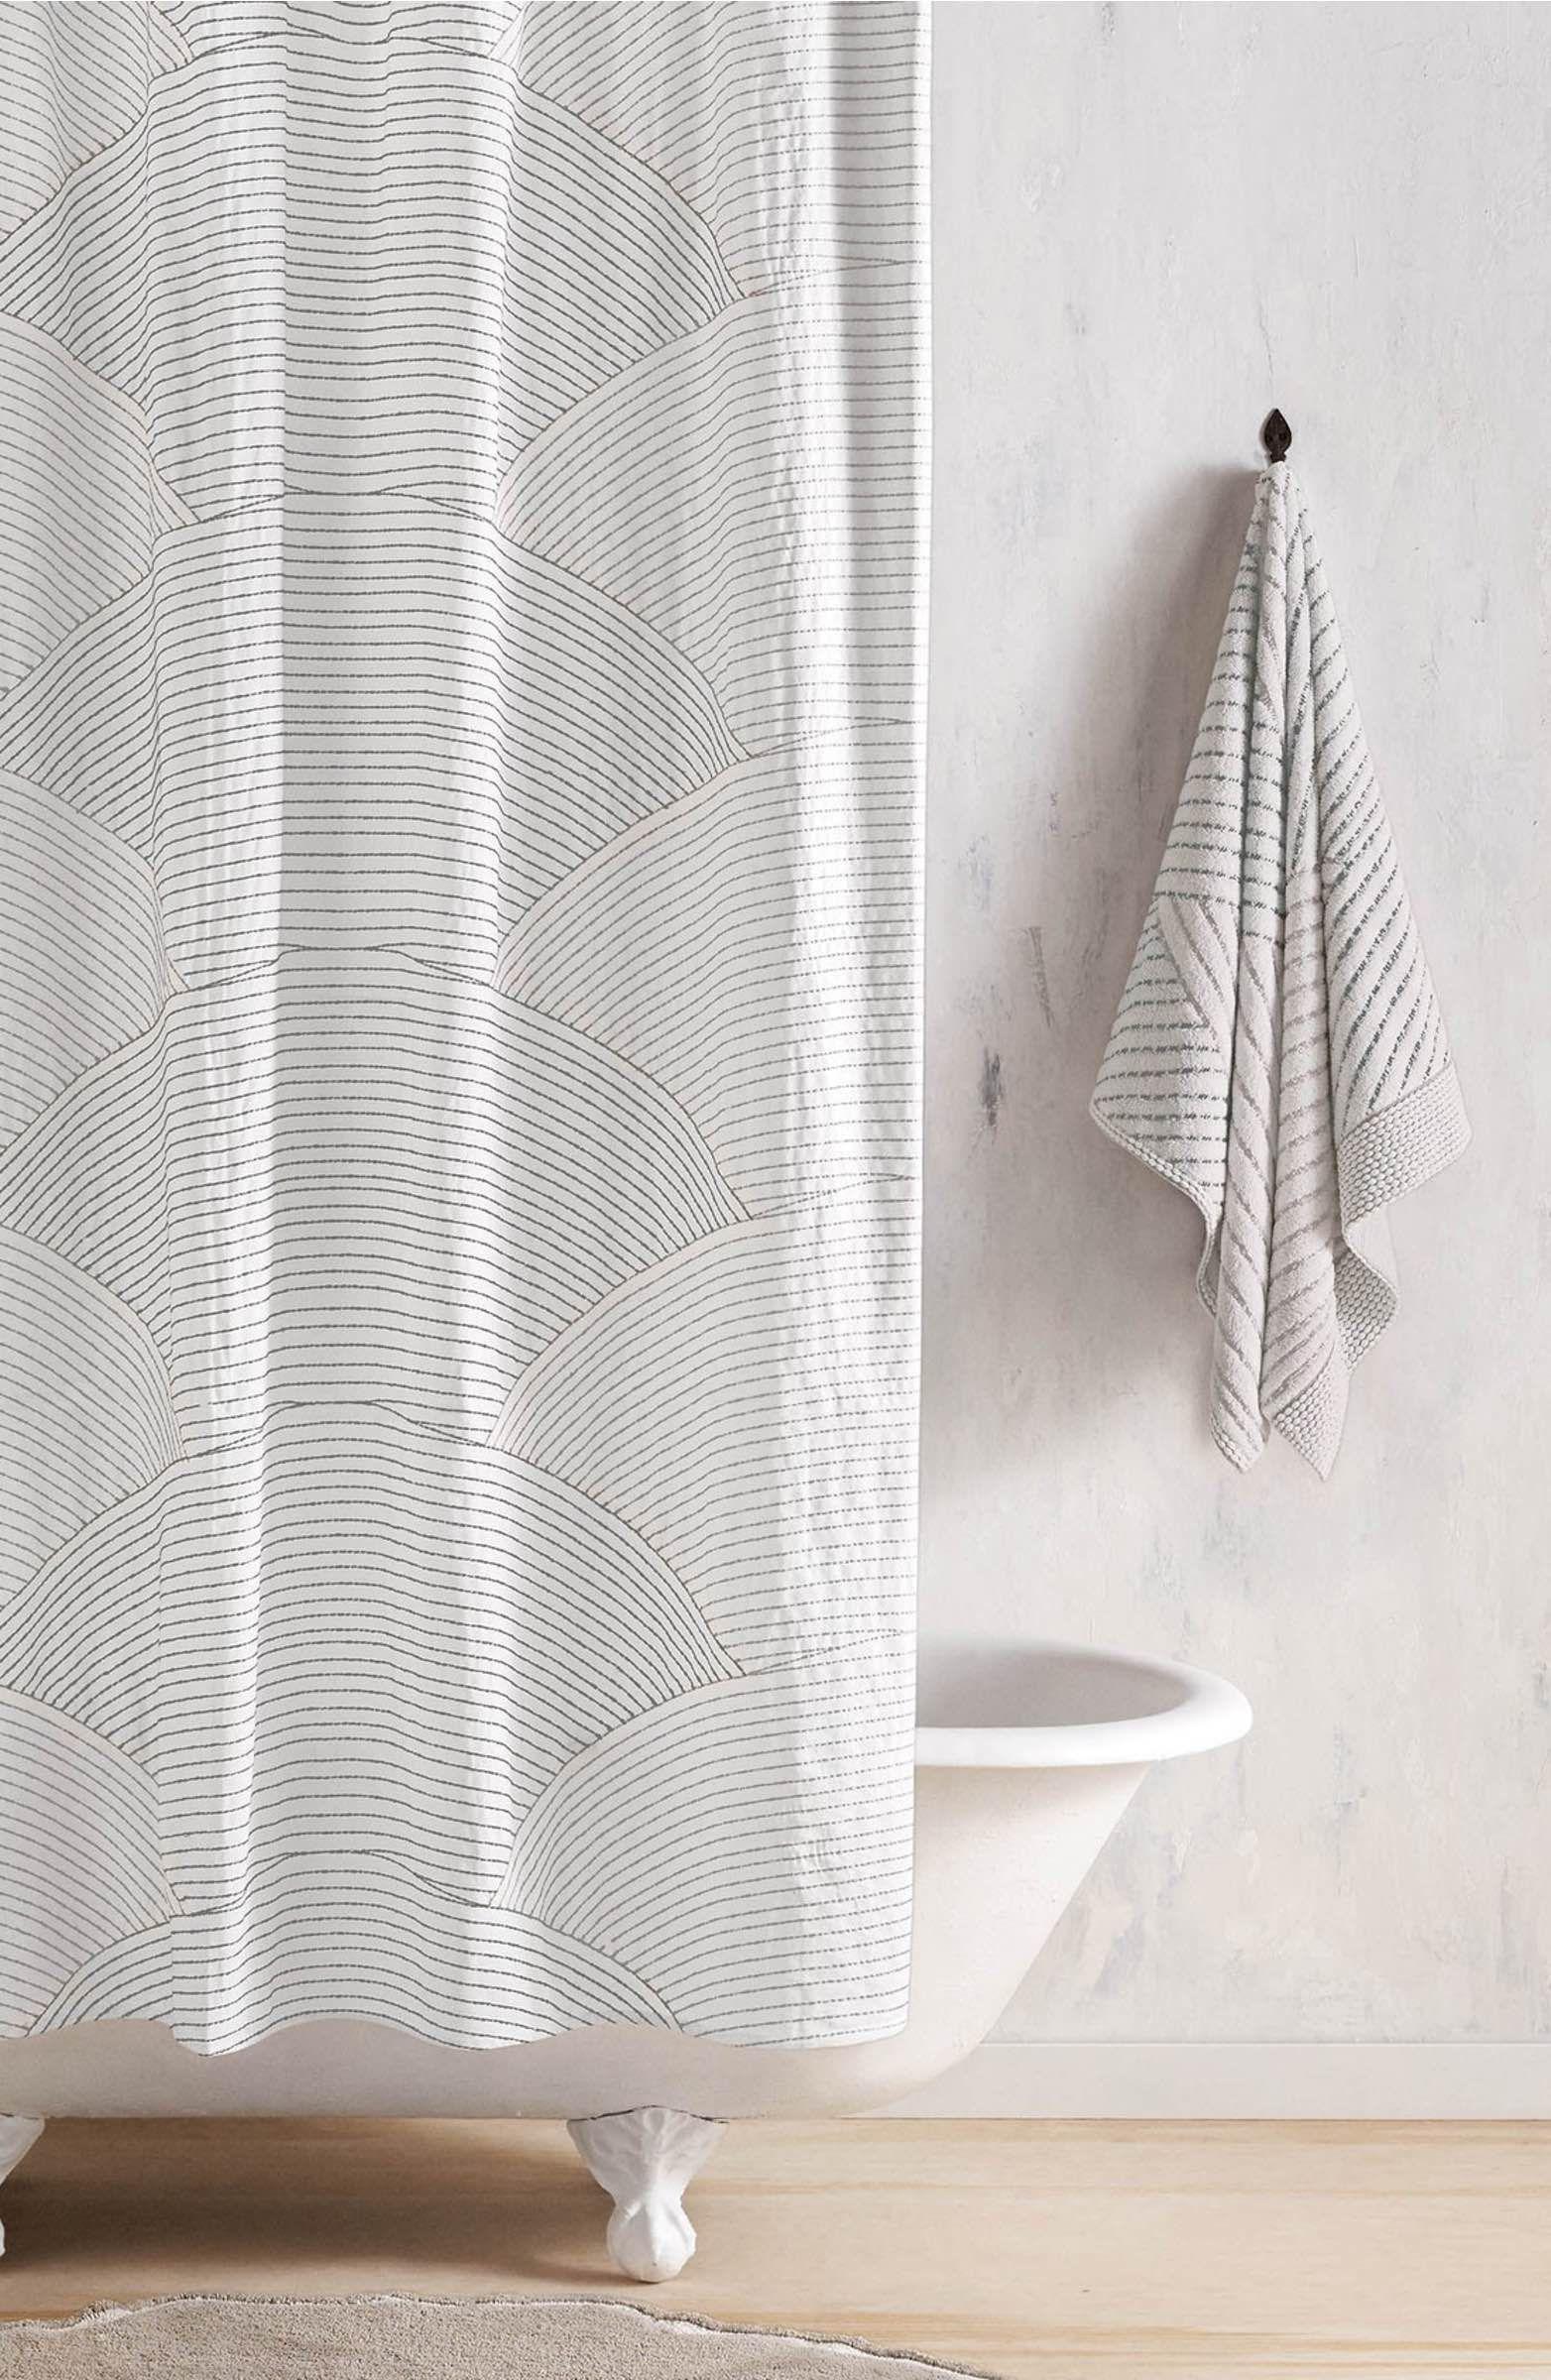 Main Image John Robshaw Sazid Shower Curtain Bathroom Shower Curtains Bathroom Shower Stylish Shower Curtain